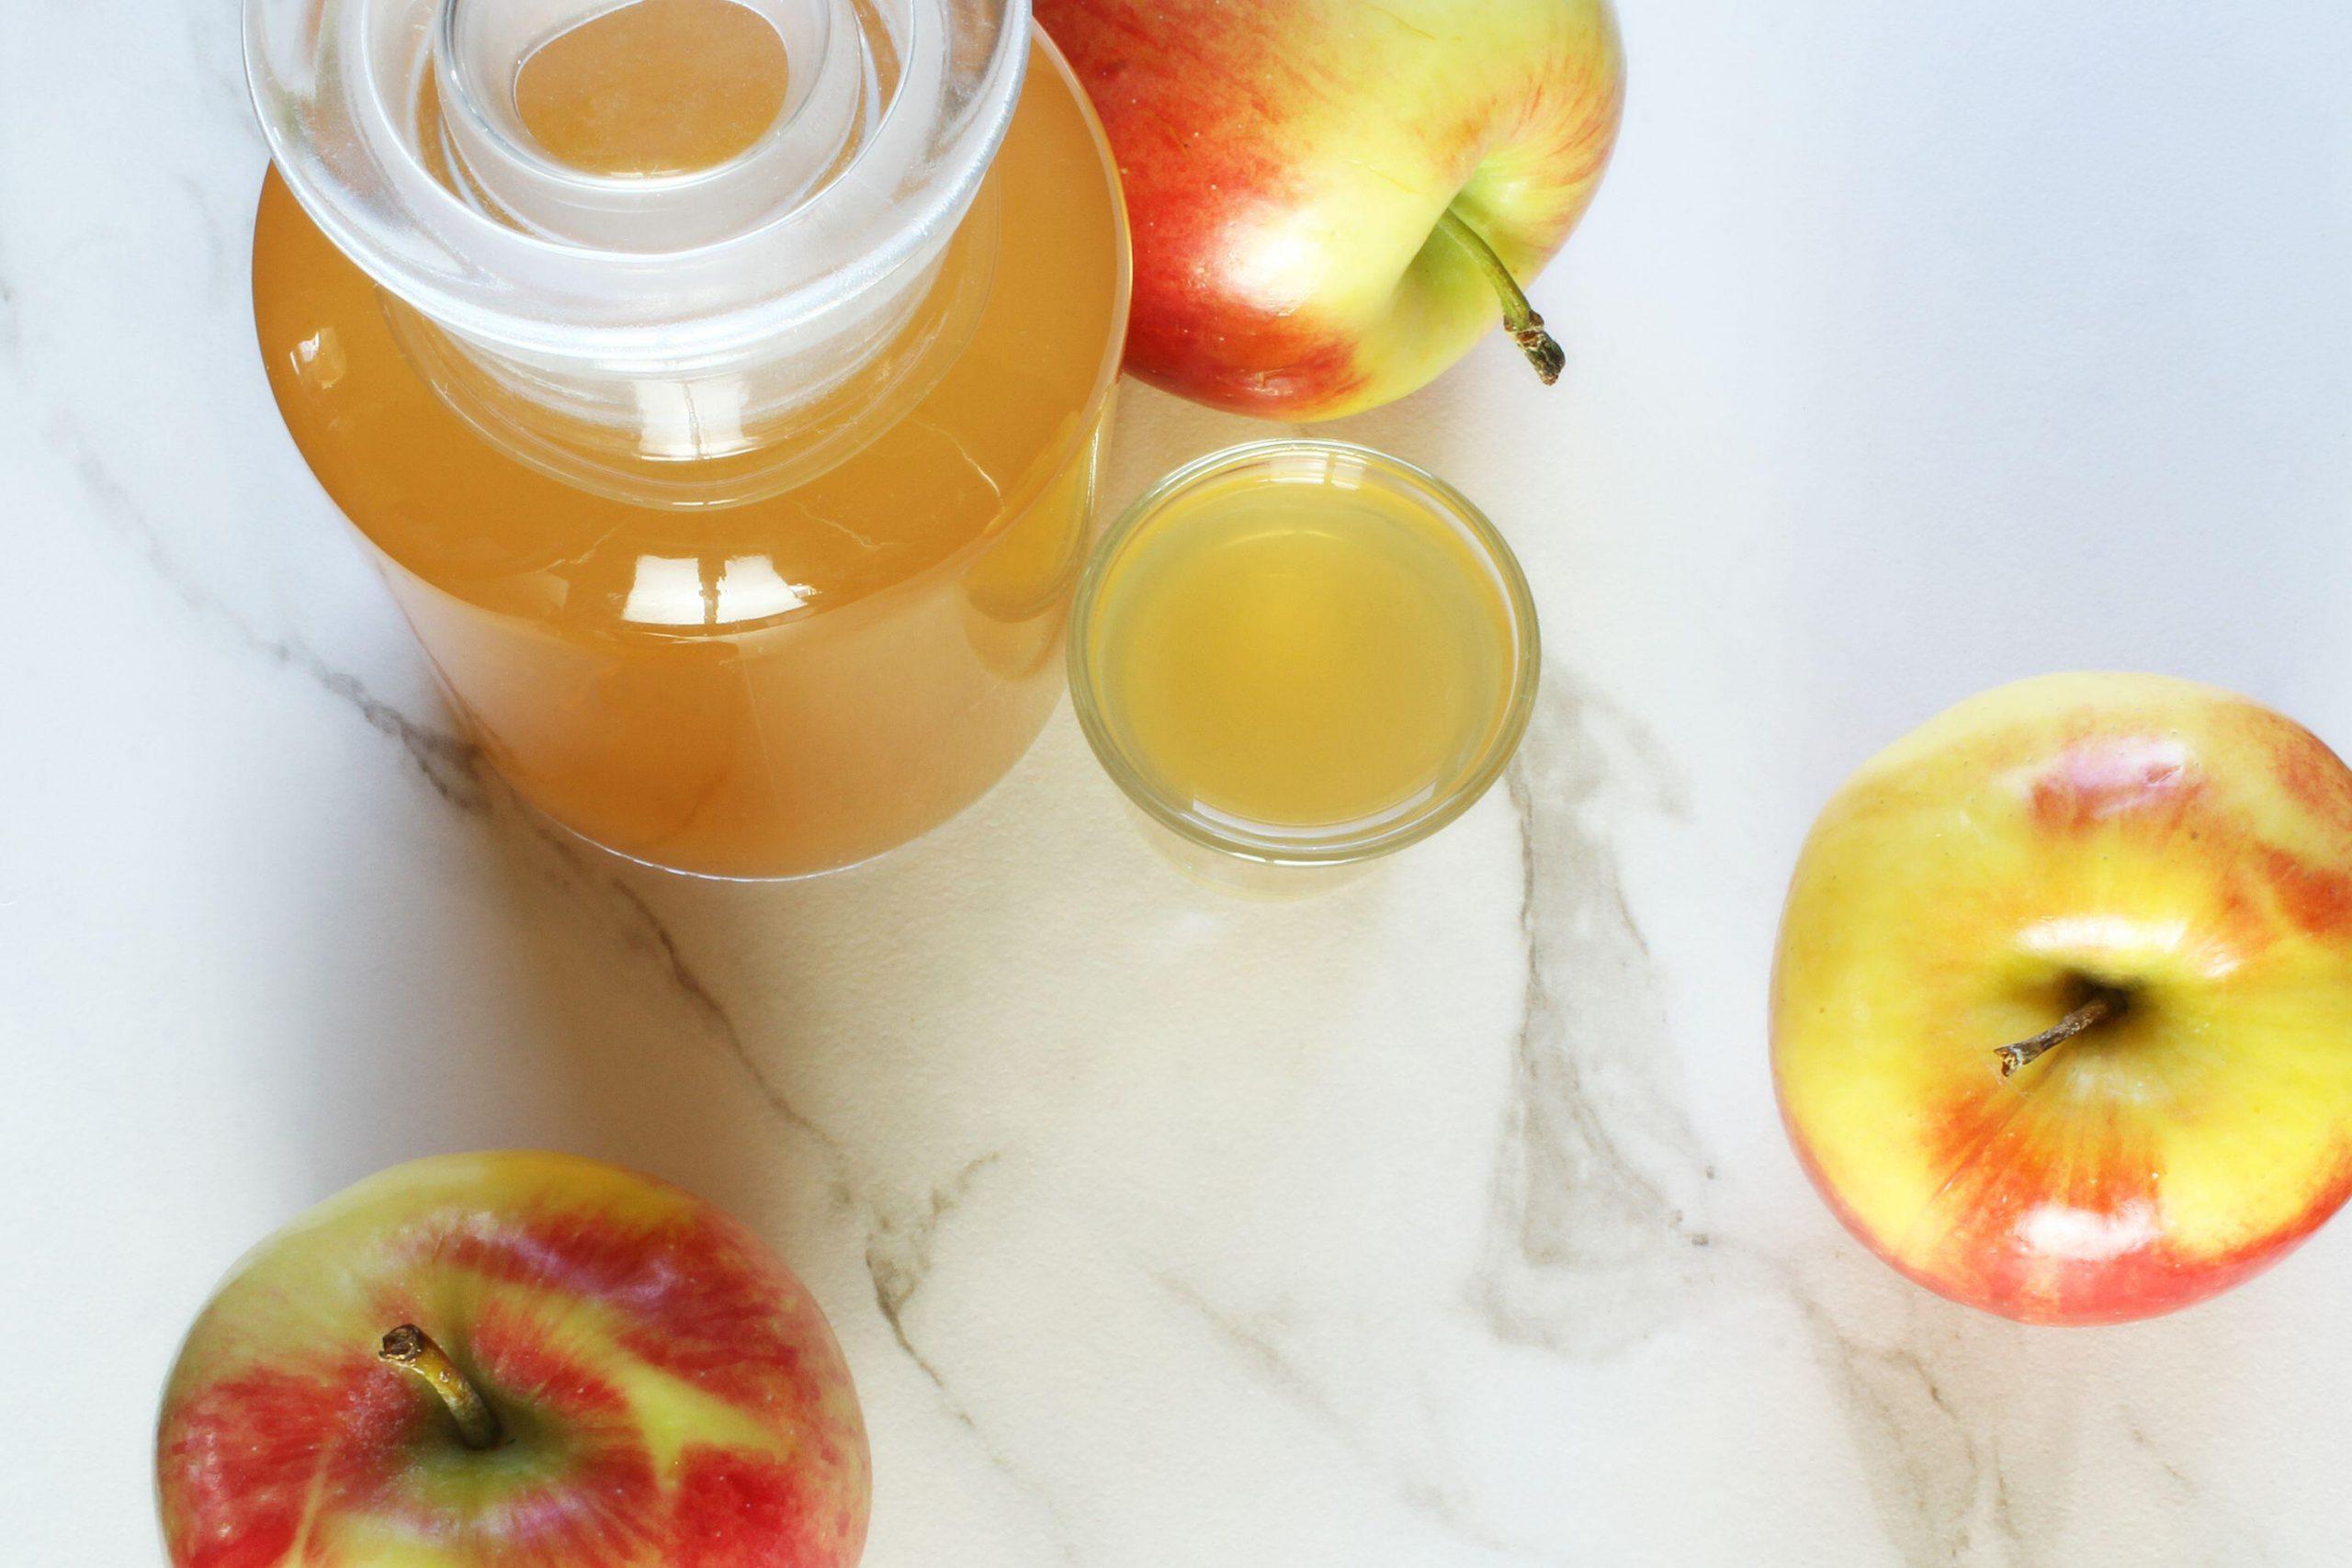 Le vinaigre de cidre de pomme pour perdre du poids au niveau du ventre